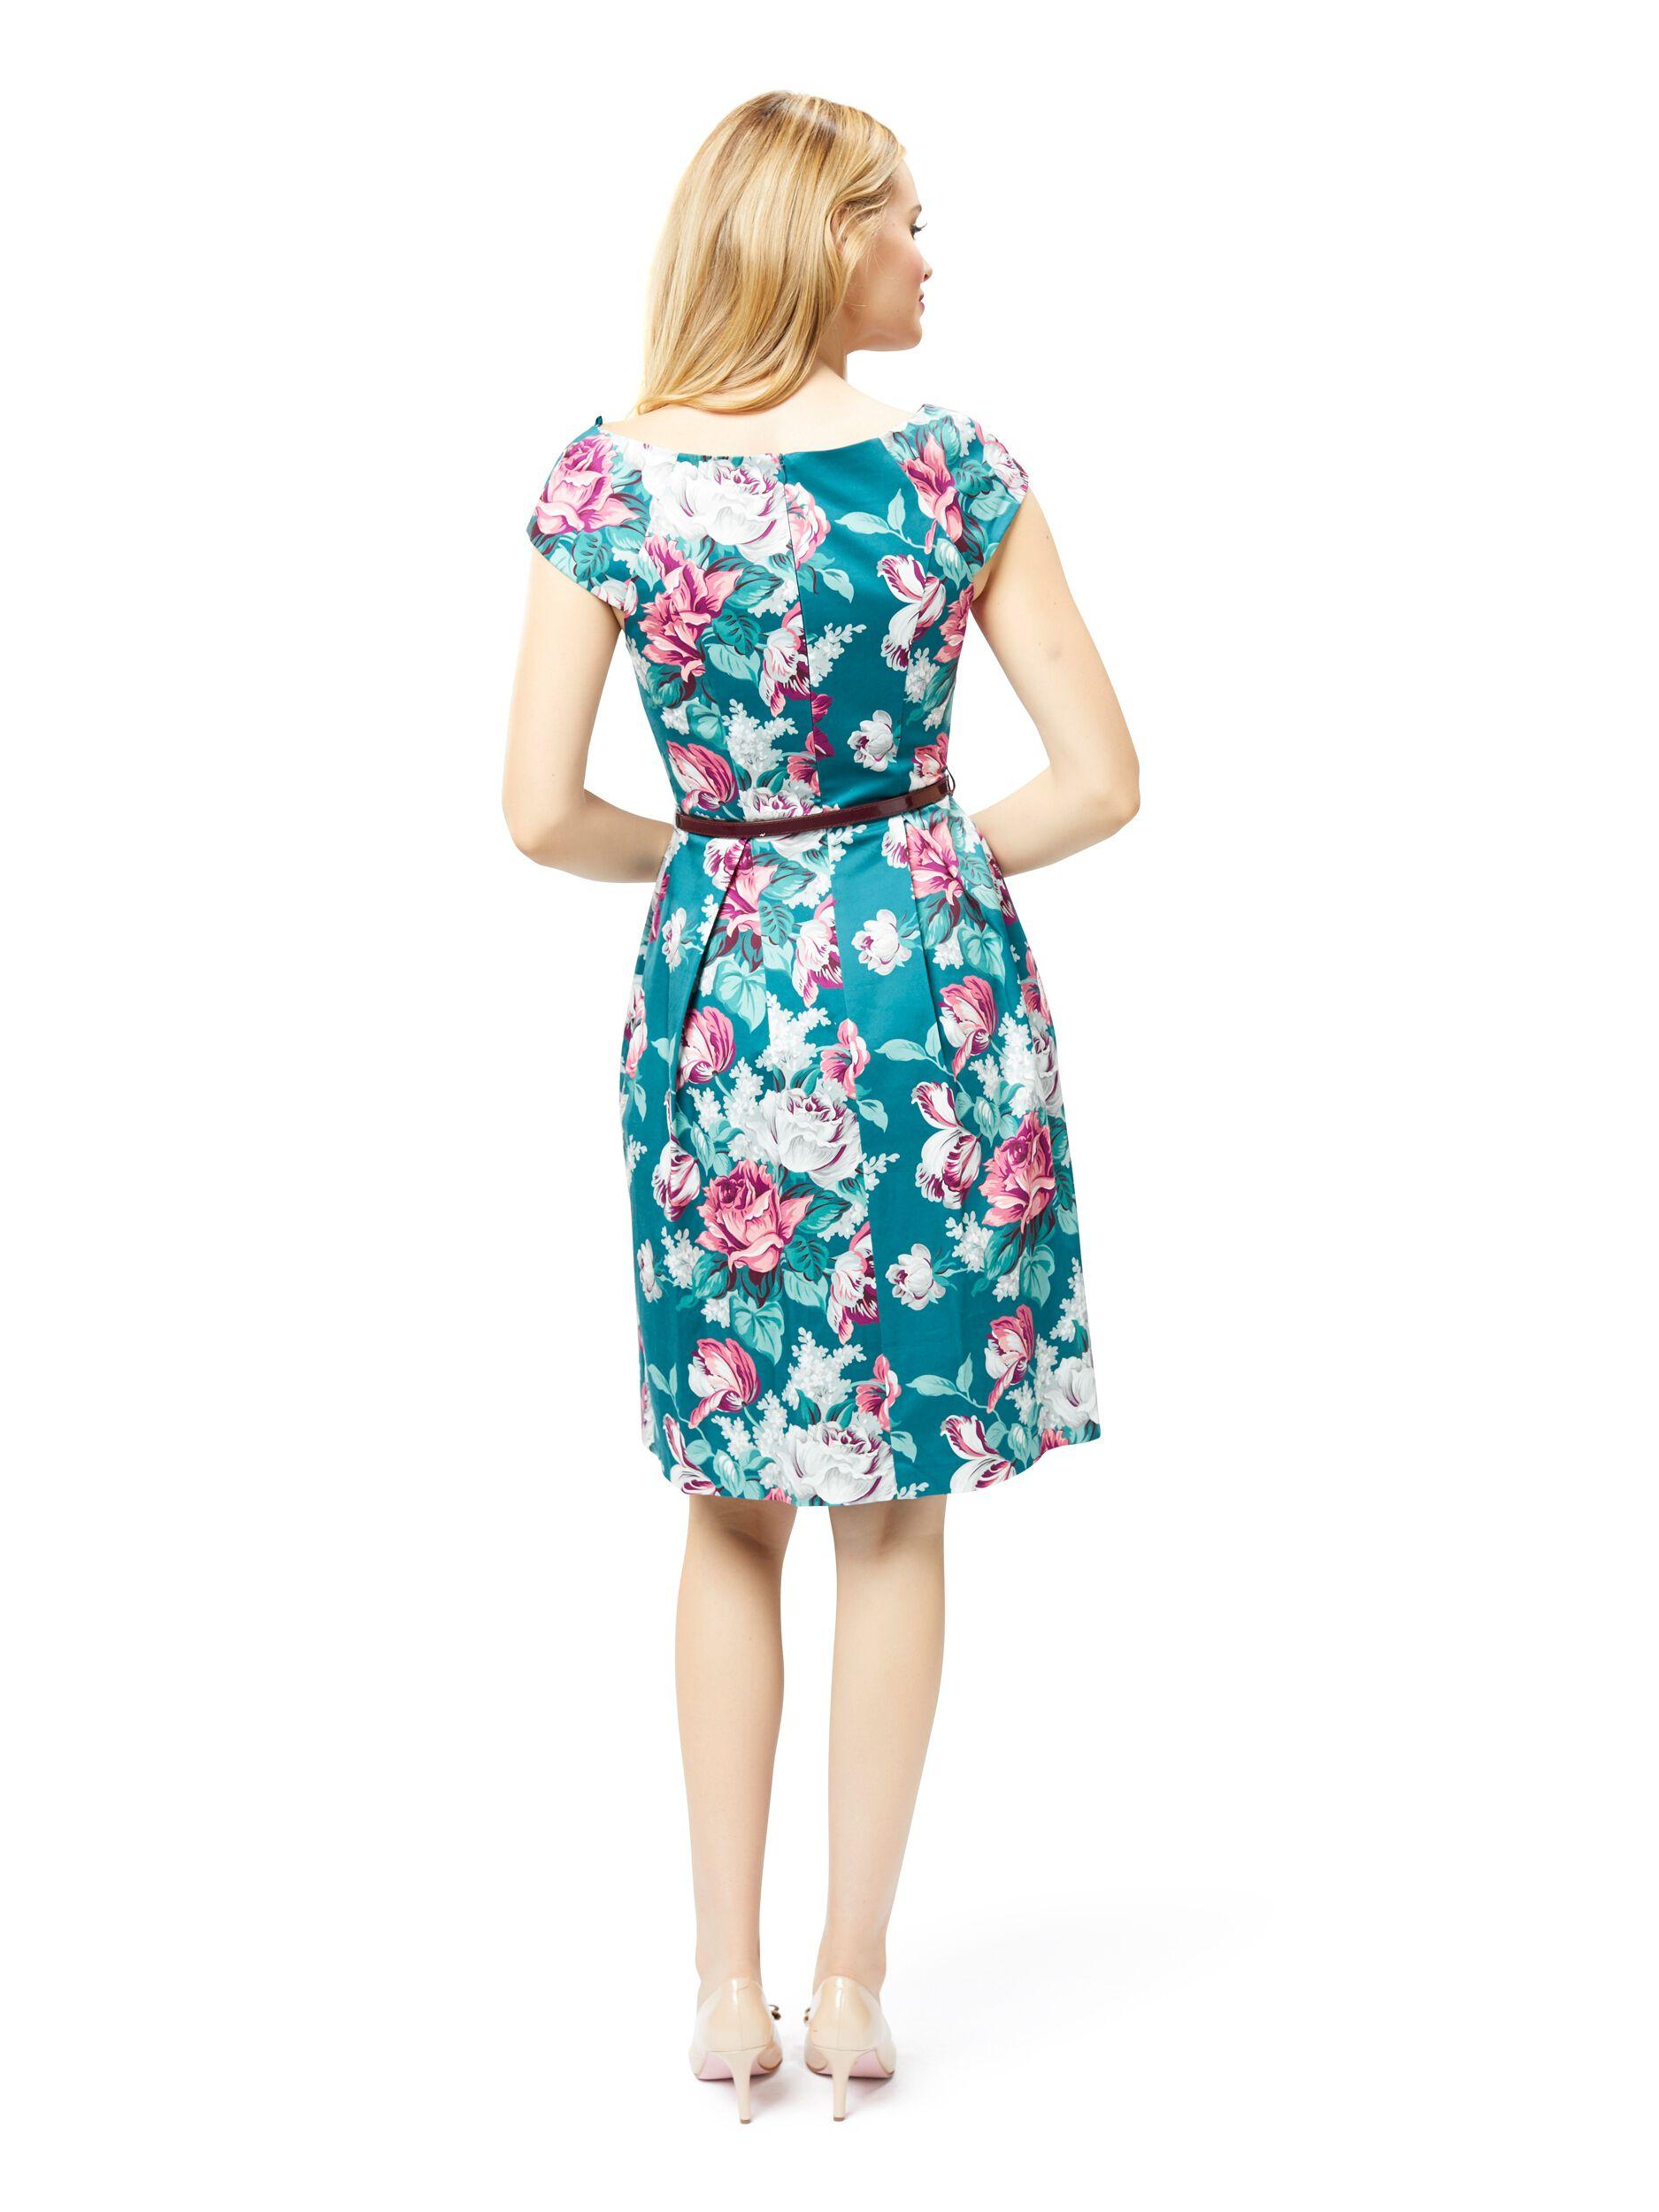 Venice Floral Dress